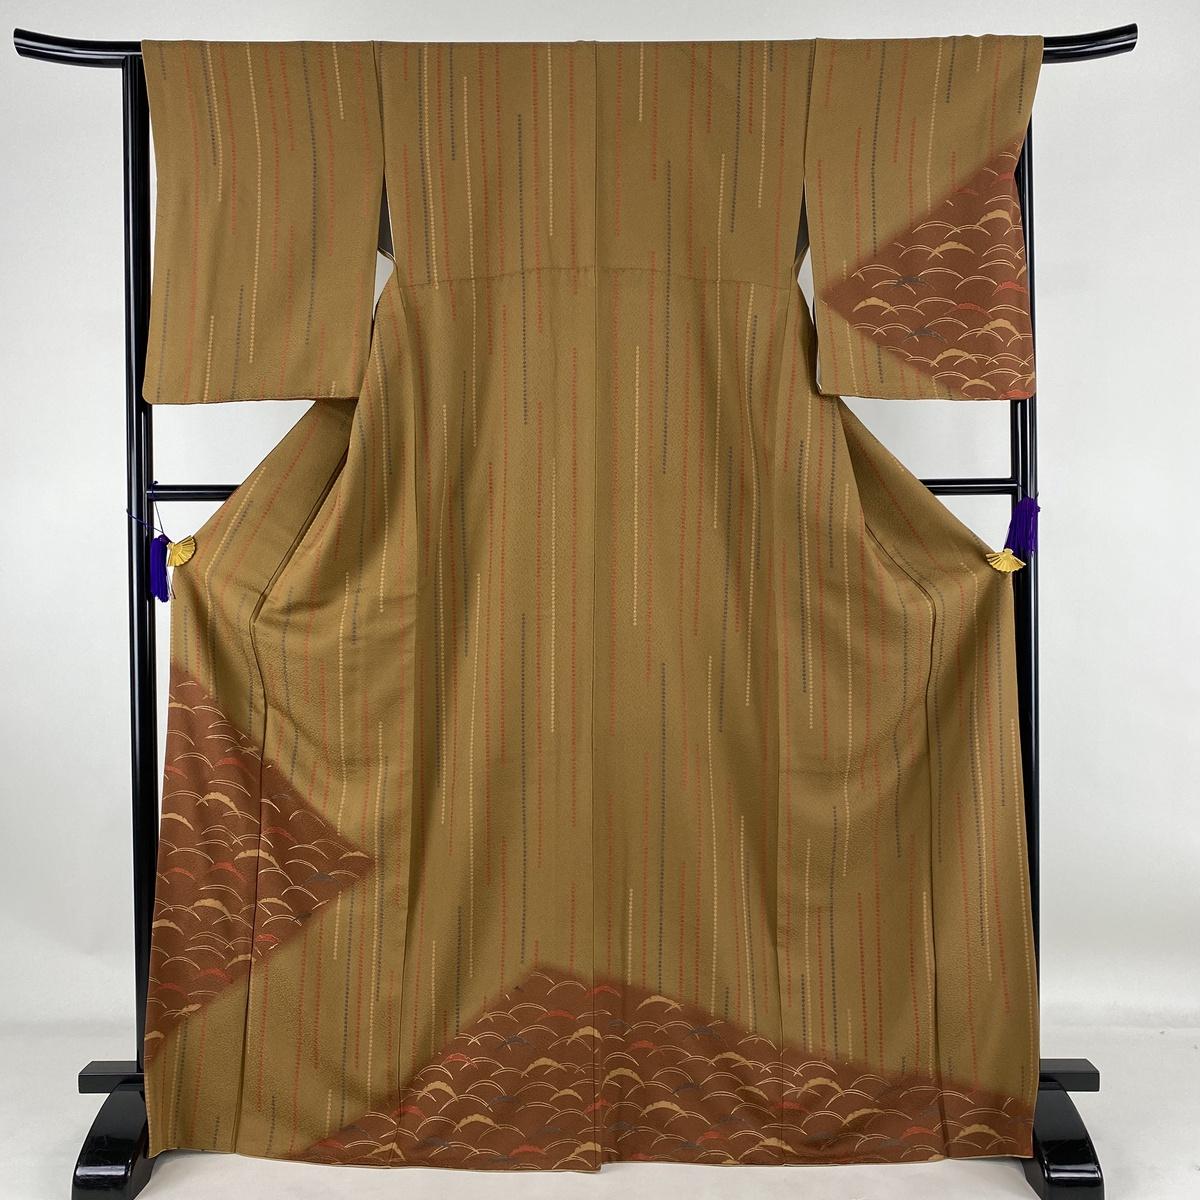 大好評です ランクA ラッピング無料 着物 リサイクル 送料無料 訪問着 美品 秀品 芝 縞 170cm 染め分け 正絹 茶色 M 金彩 中古 袷 65.5cm